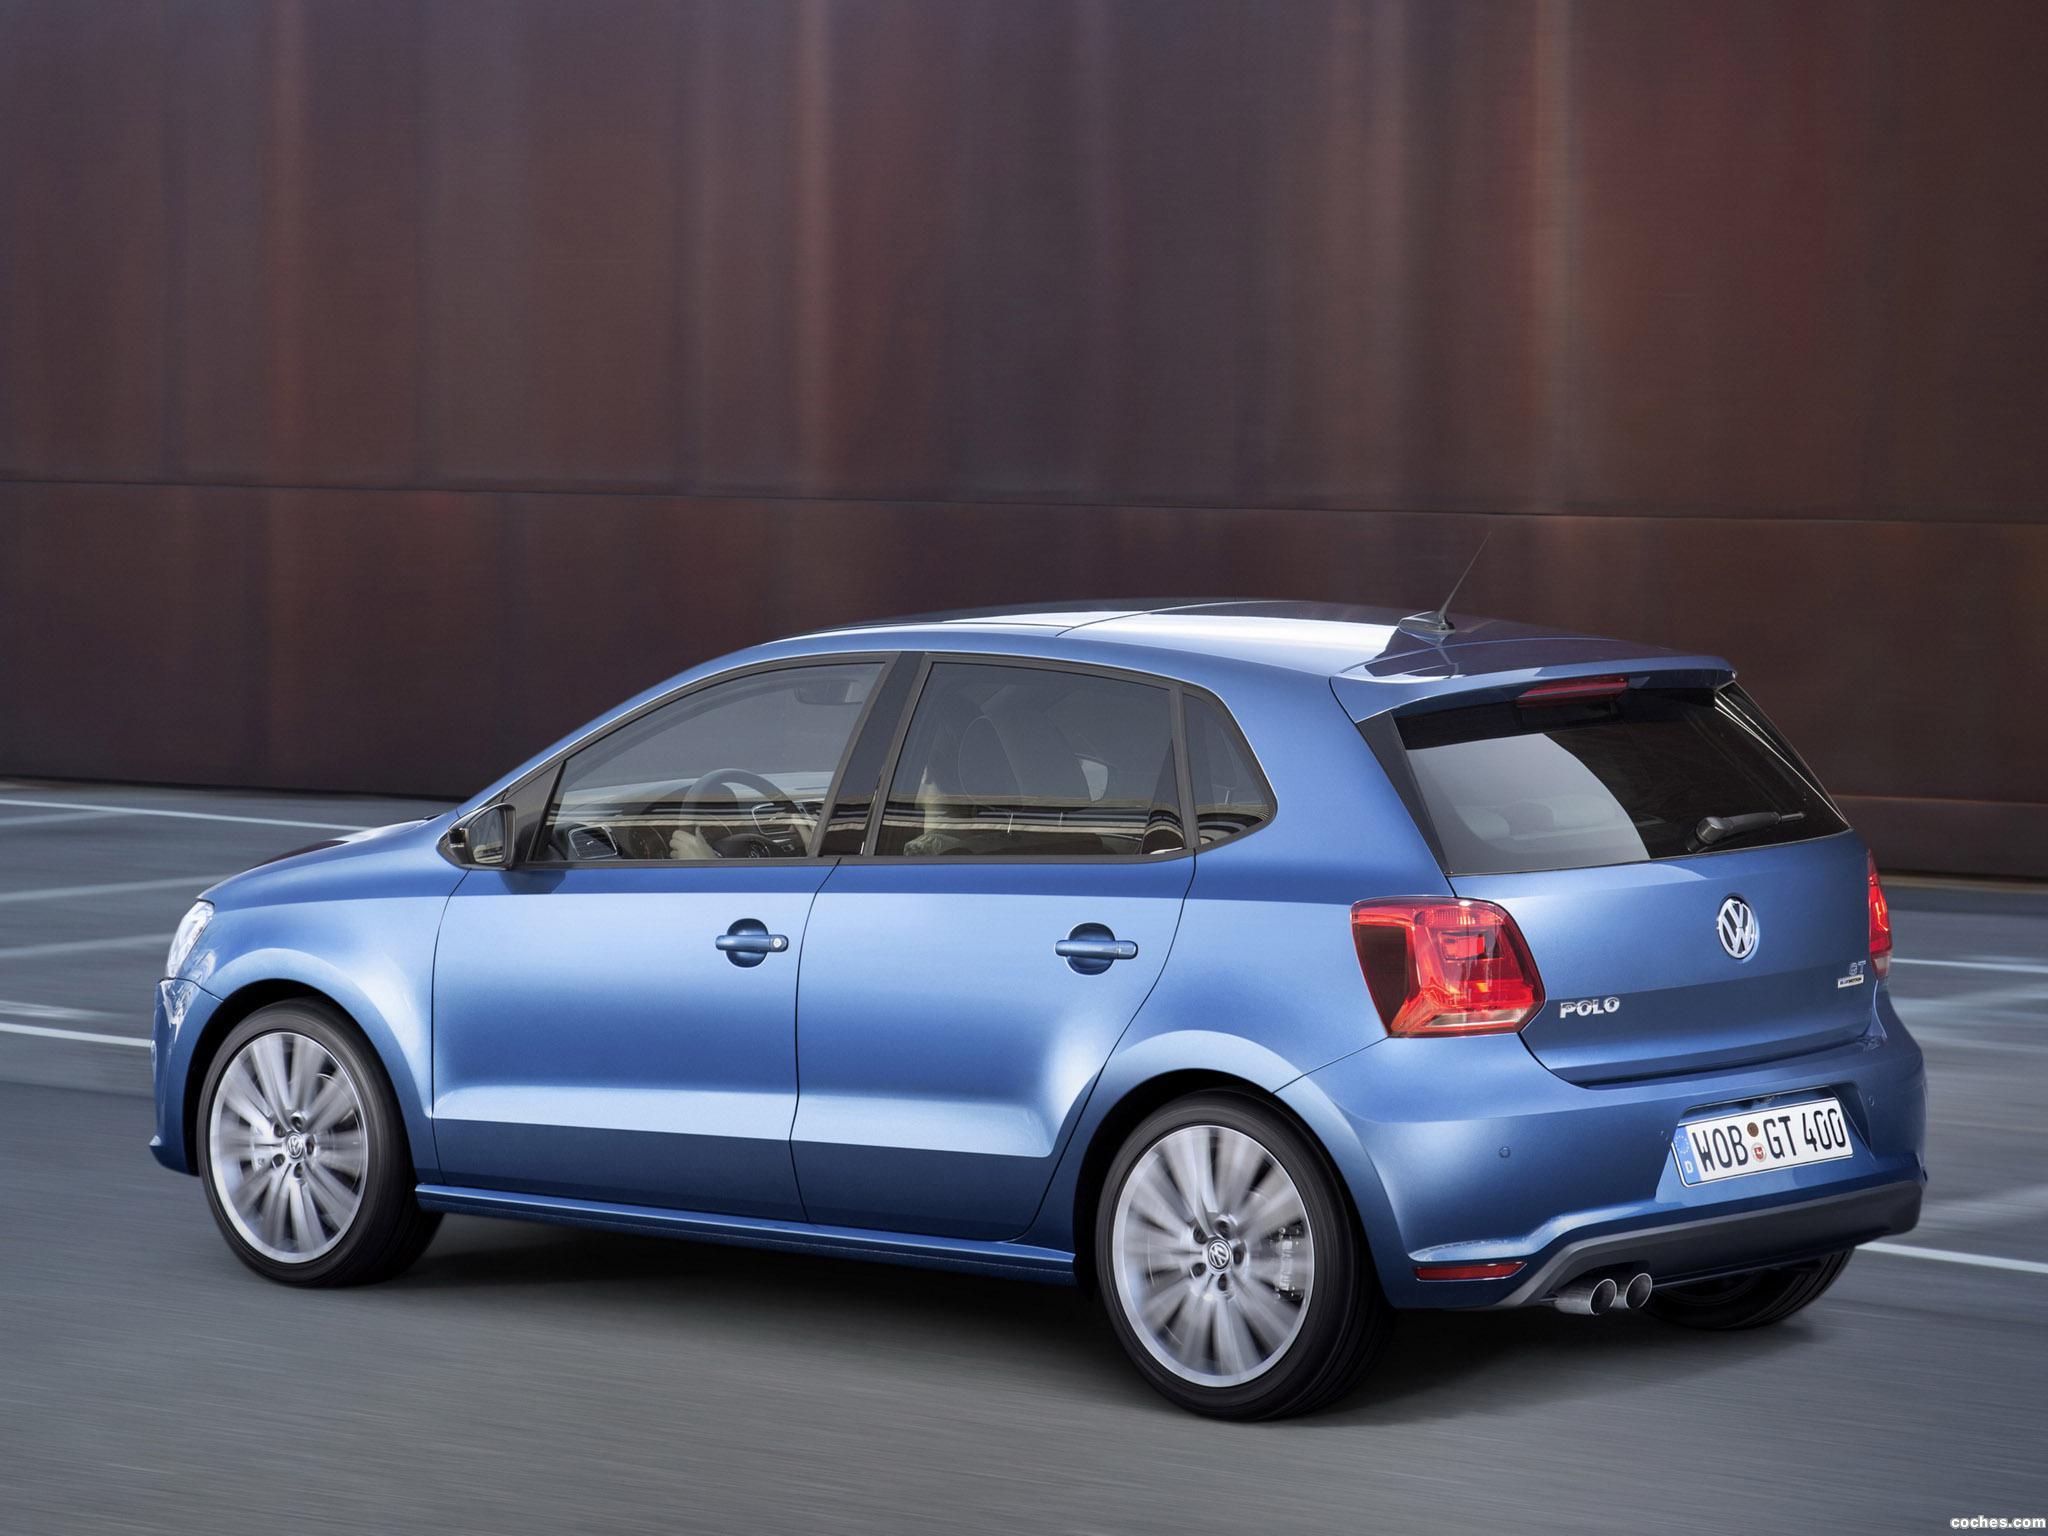 volkswagen polo bluegt 5 door 2014 r6 Volkswagen Polo BlueGT 5 puertas